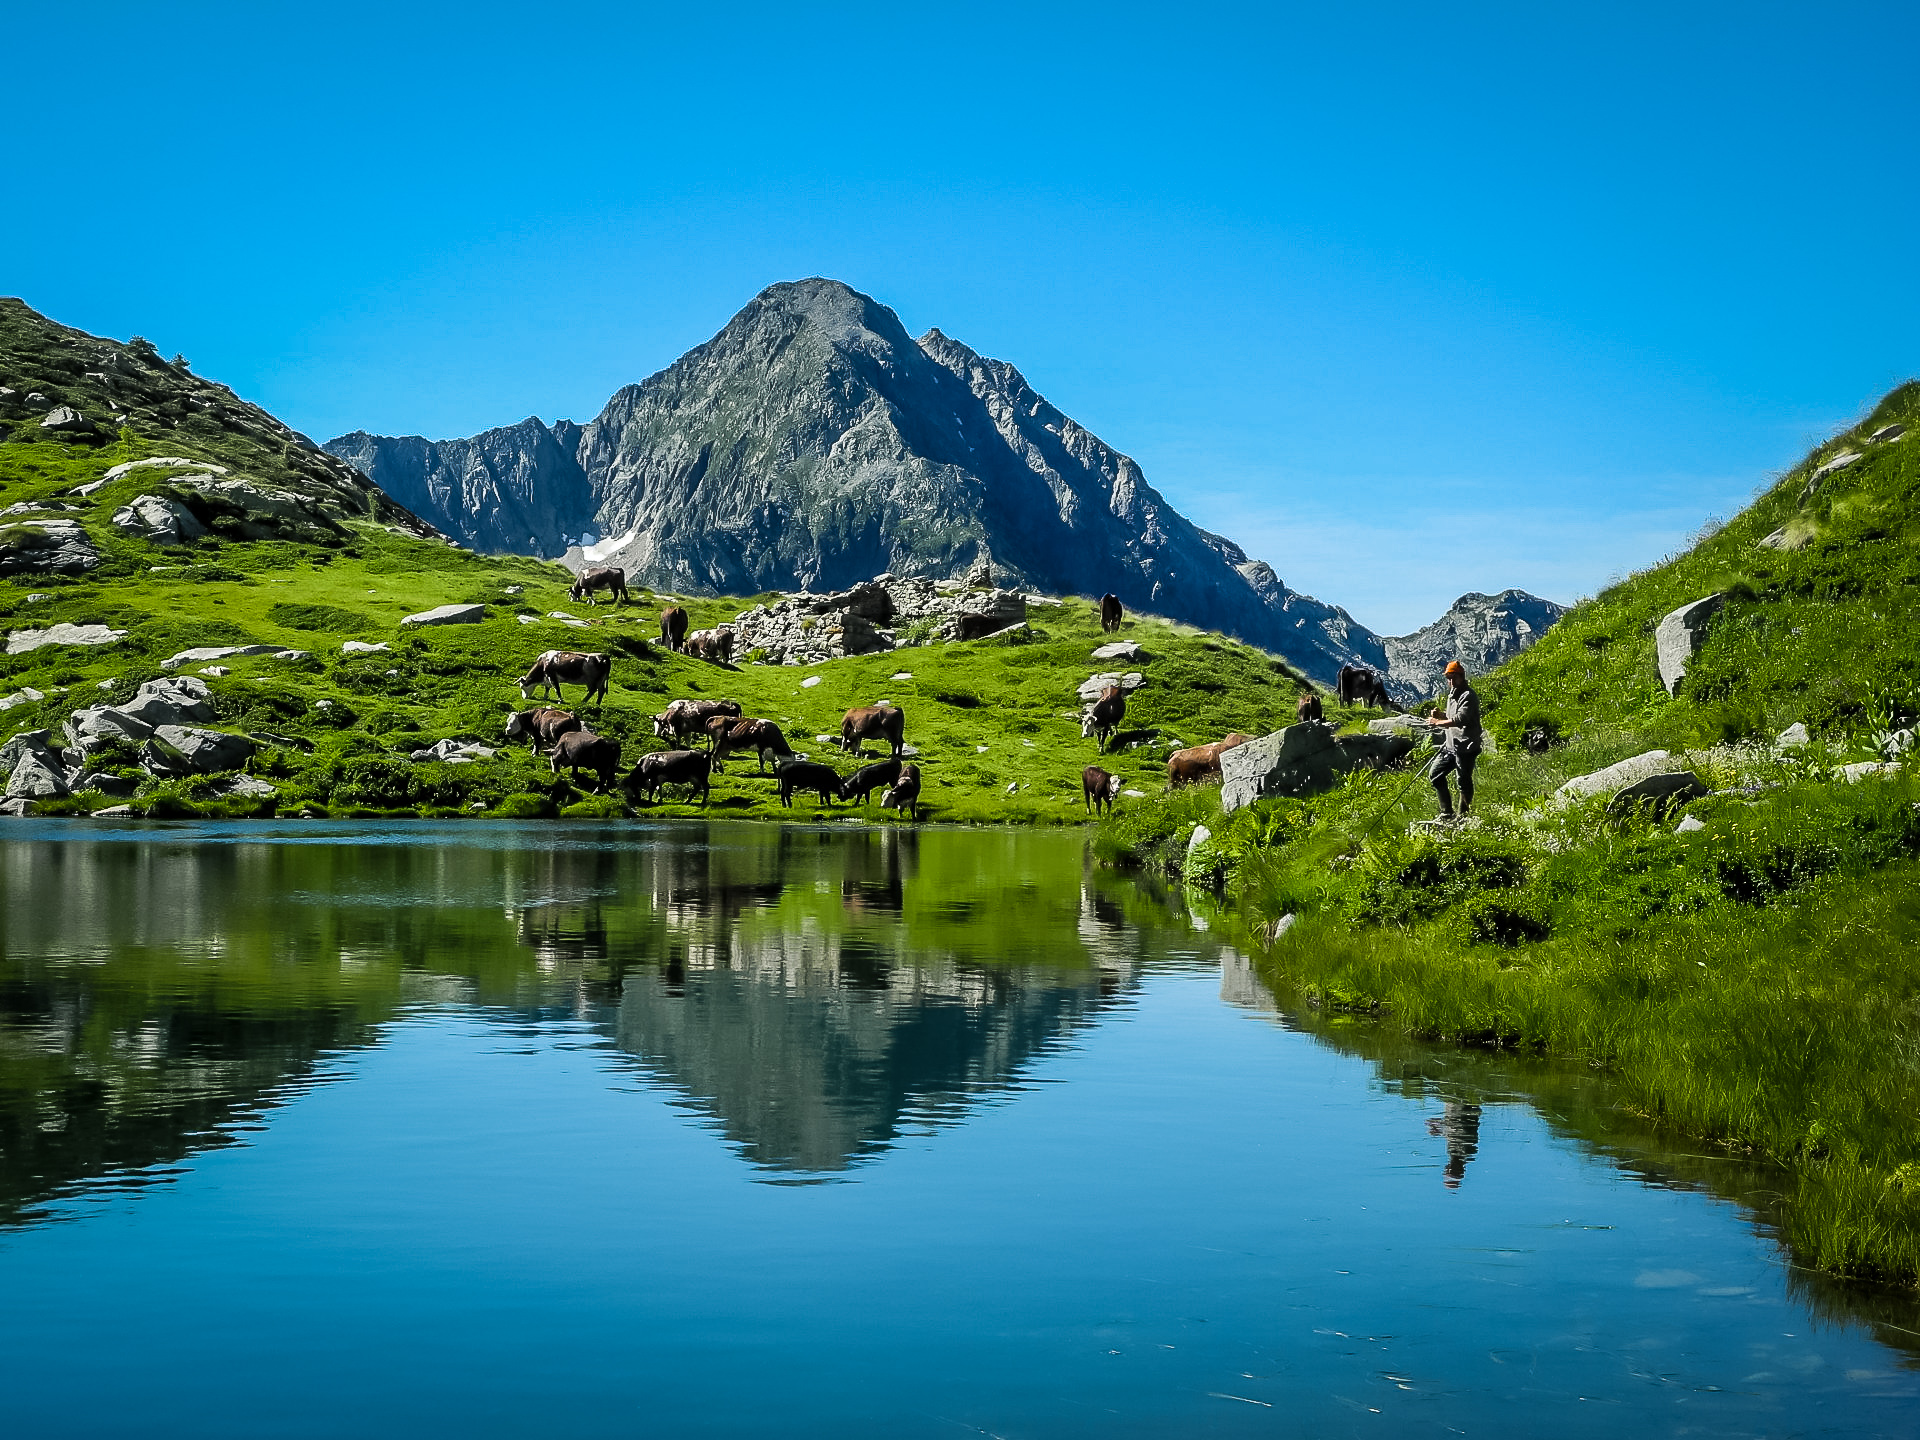 Il Lago Torretta (o Fourmoil) circondato dalle mucche al pascolo